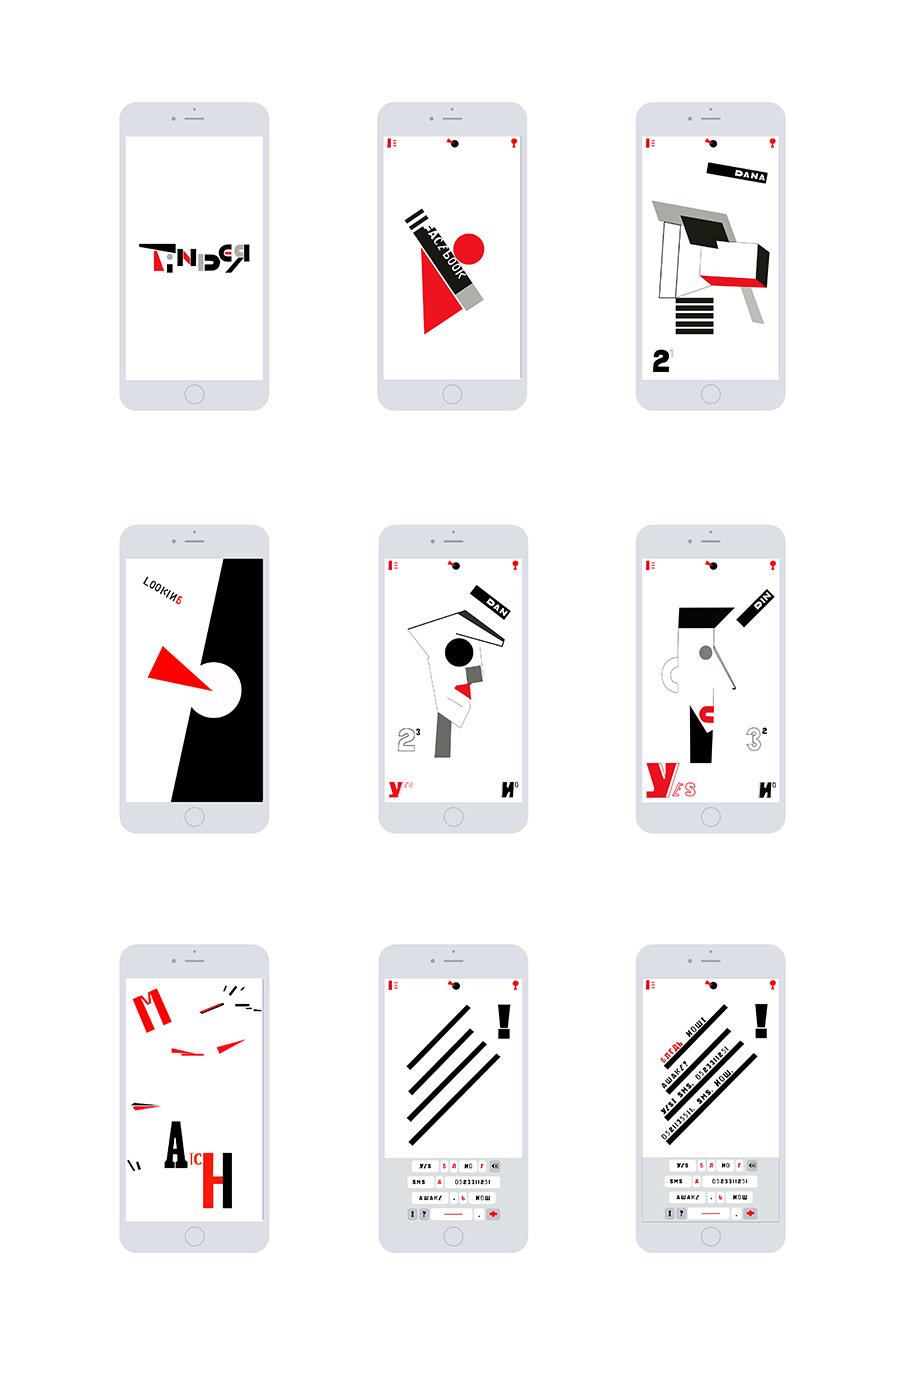 אפליקצית טינדר בהשראת המעצב אל ליציסקי. עיצוב: רותם פז פינס